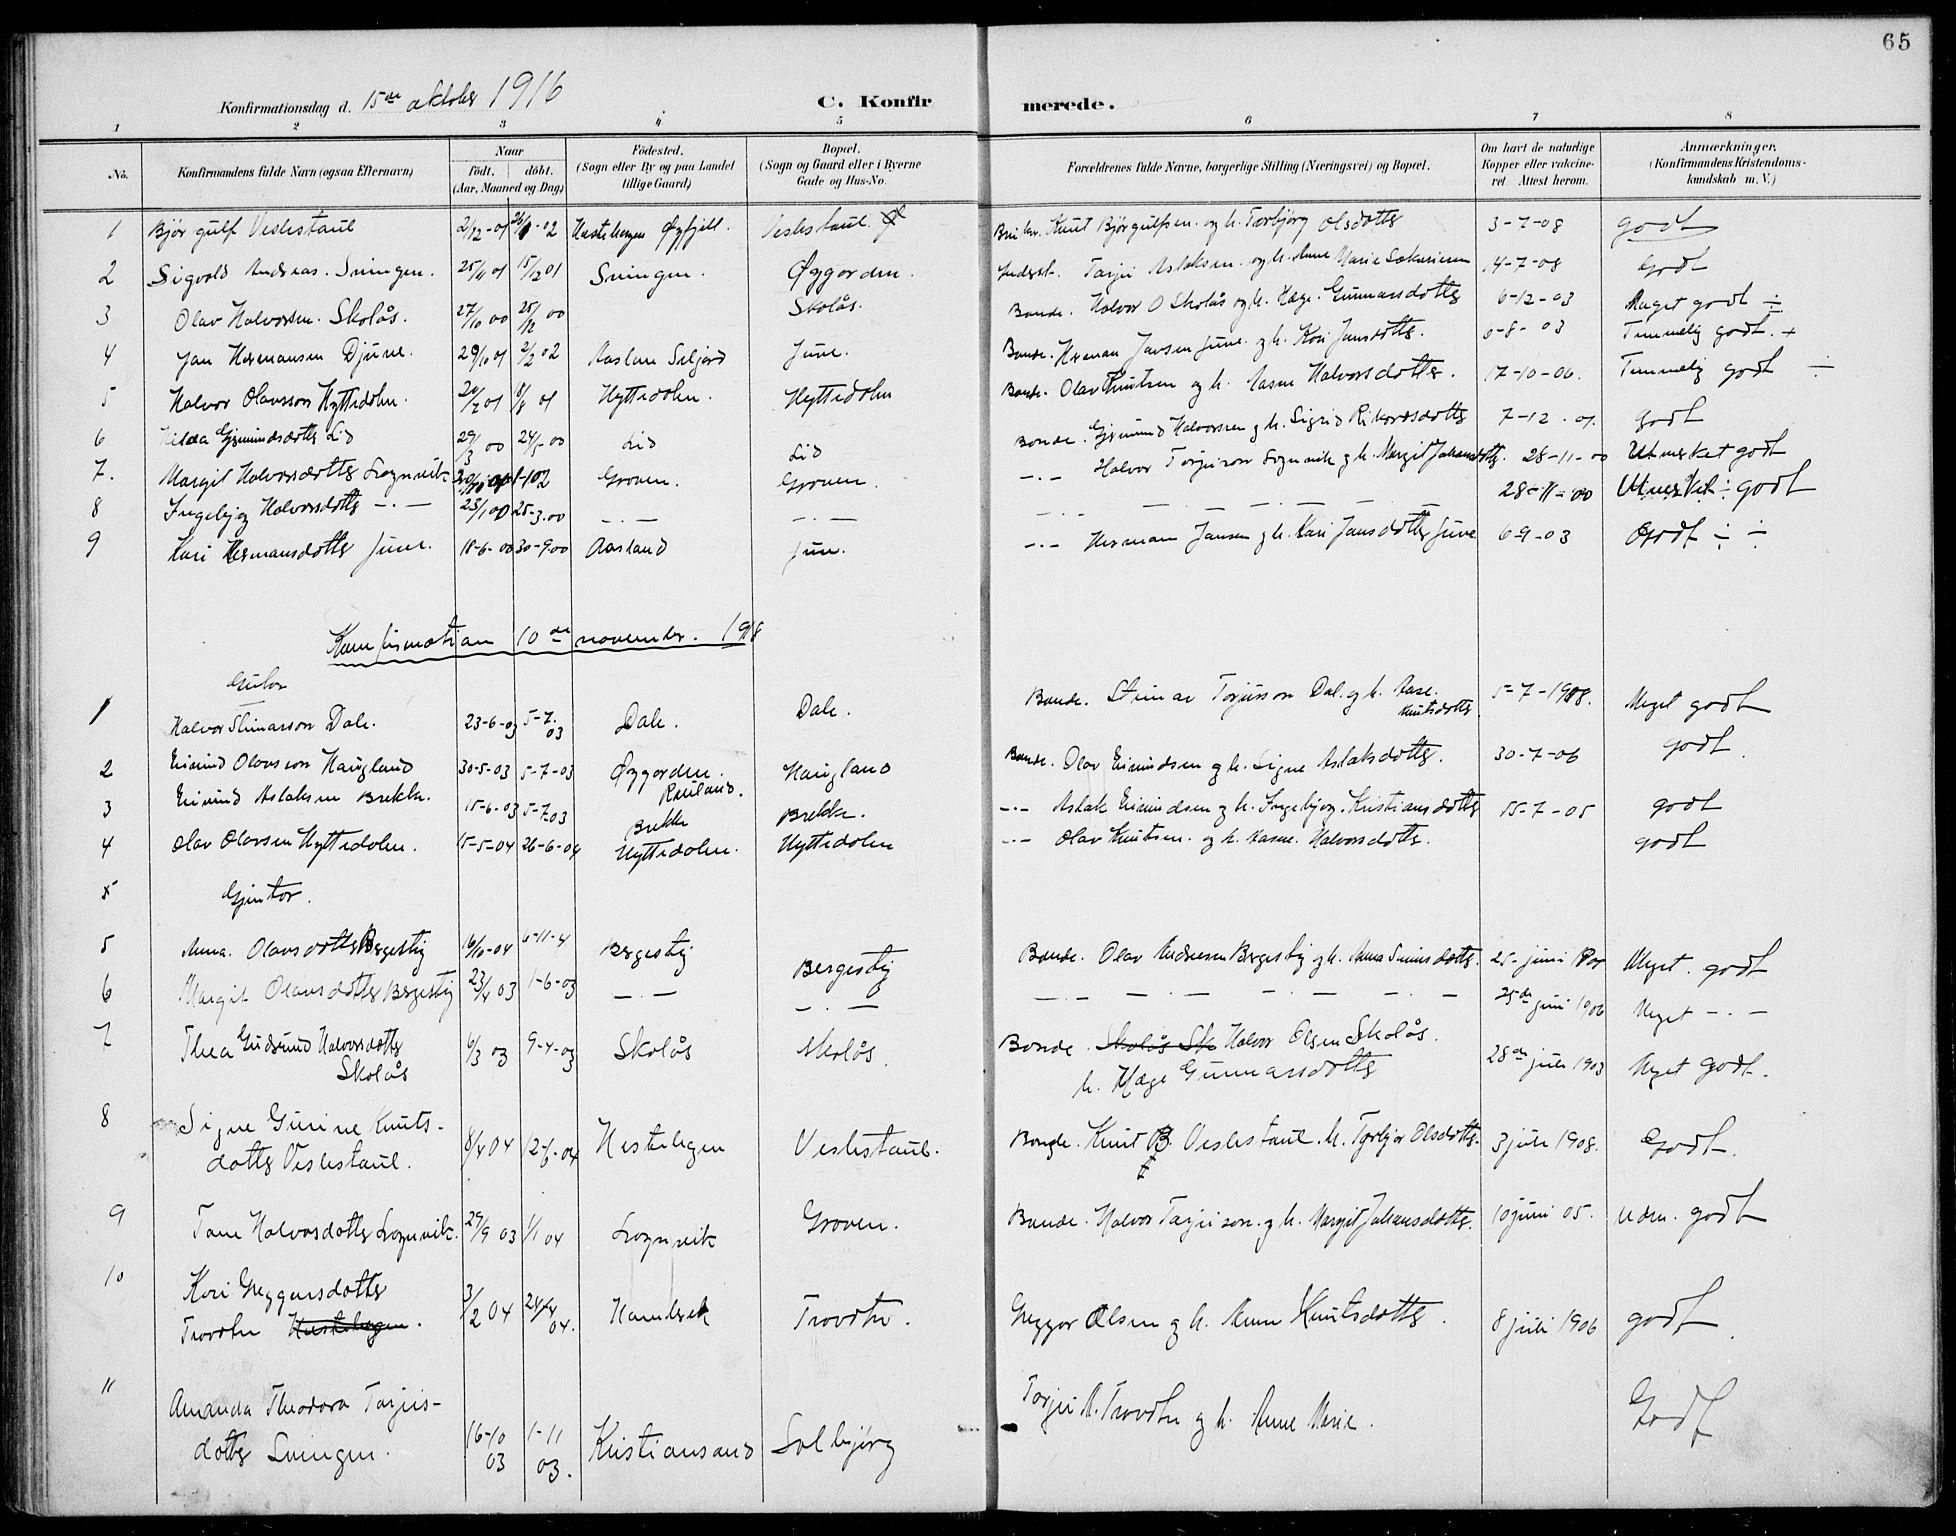 SAKO, Rauland kirkebøker, G/Gb/L0002: Klokkerbok nr. II 2, 1887-1937, s. 65